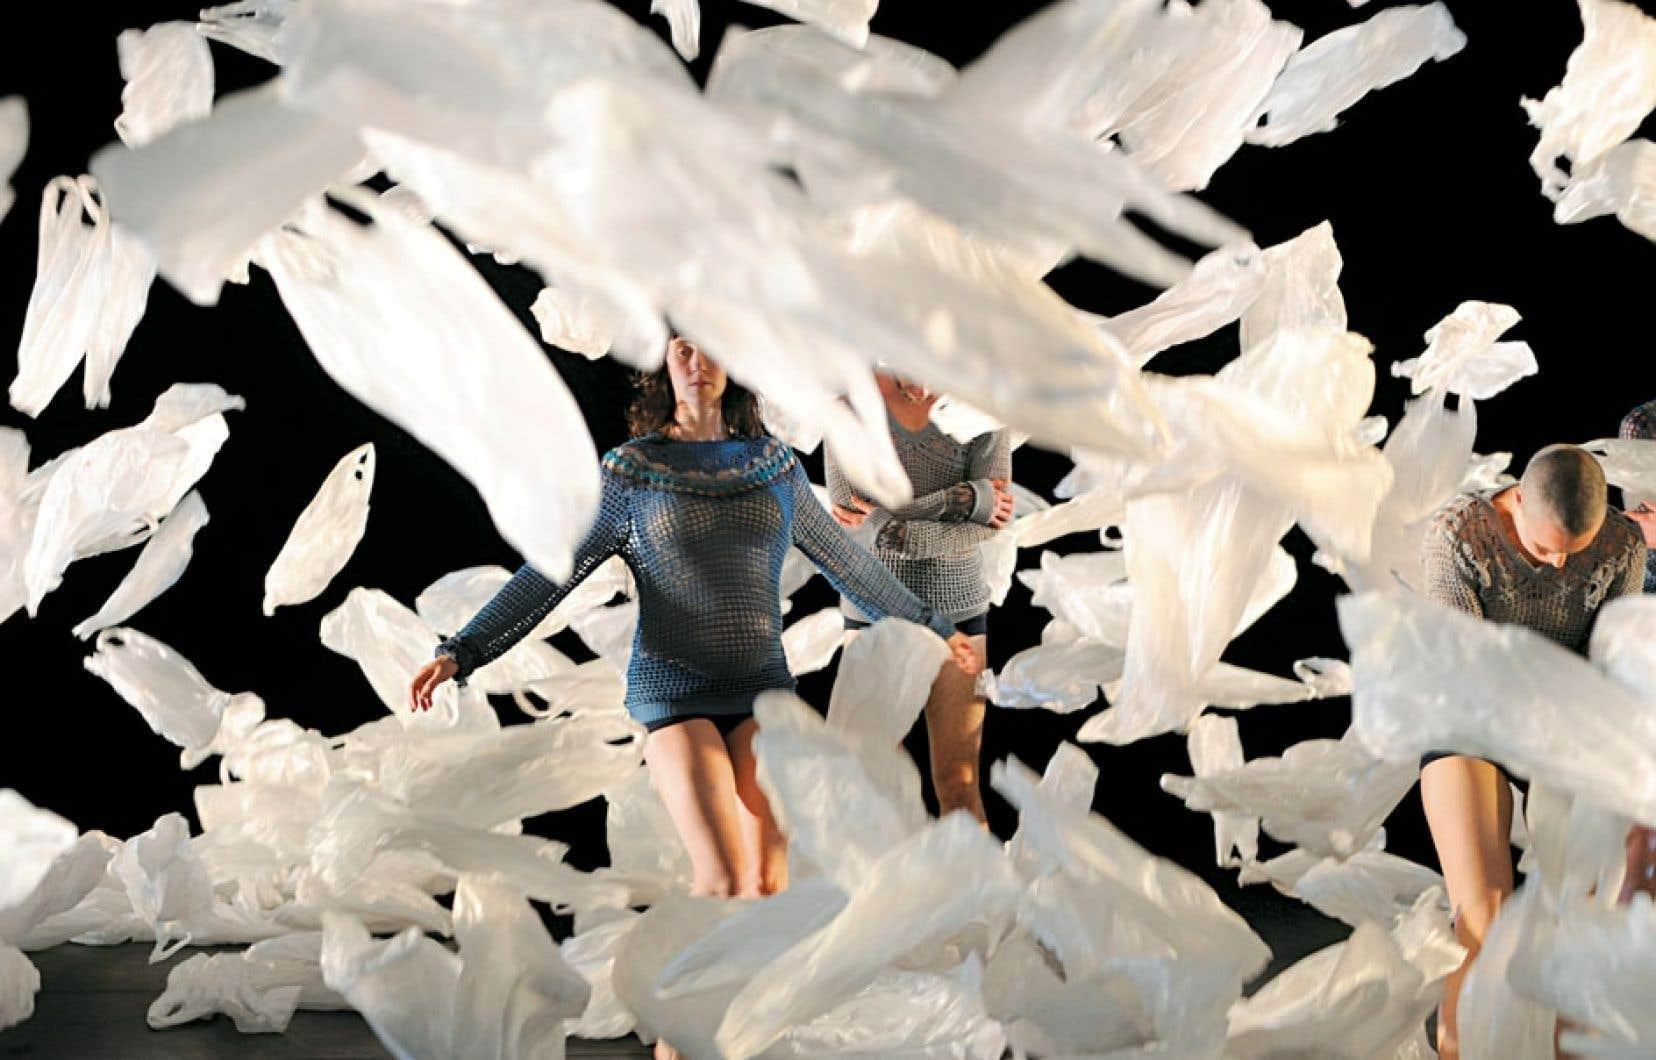 Symbole fort du dégât environnemental, les sacs de plastique qui composent le décor se soulèvent avec les mouvements des danseurs.